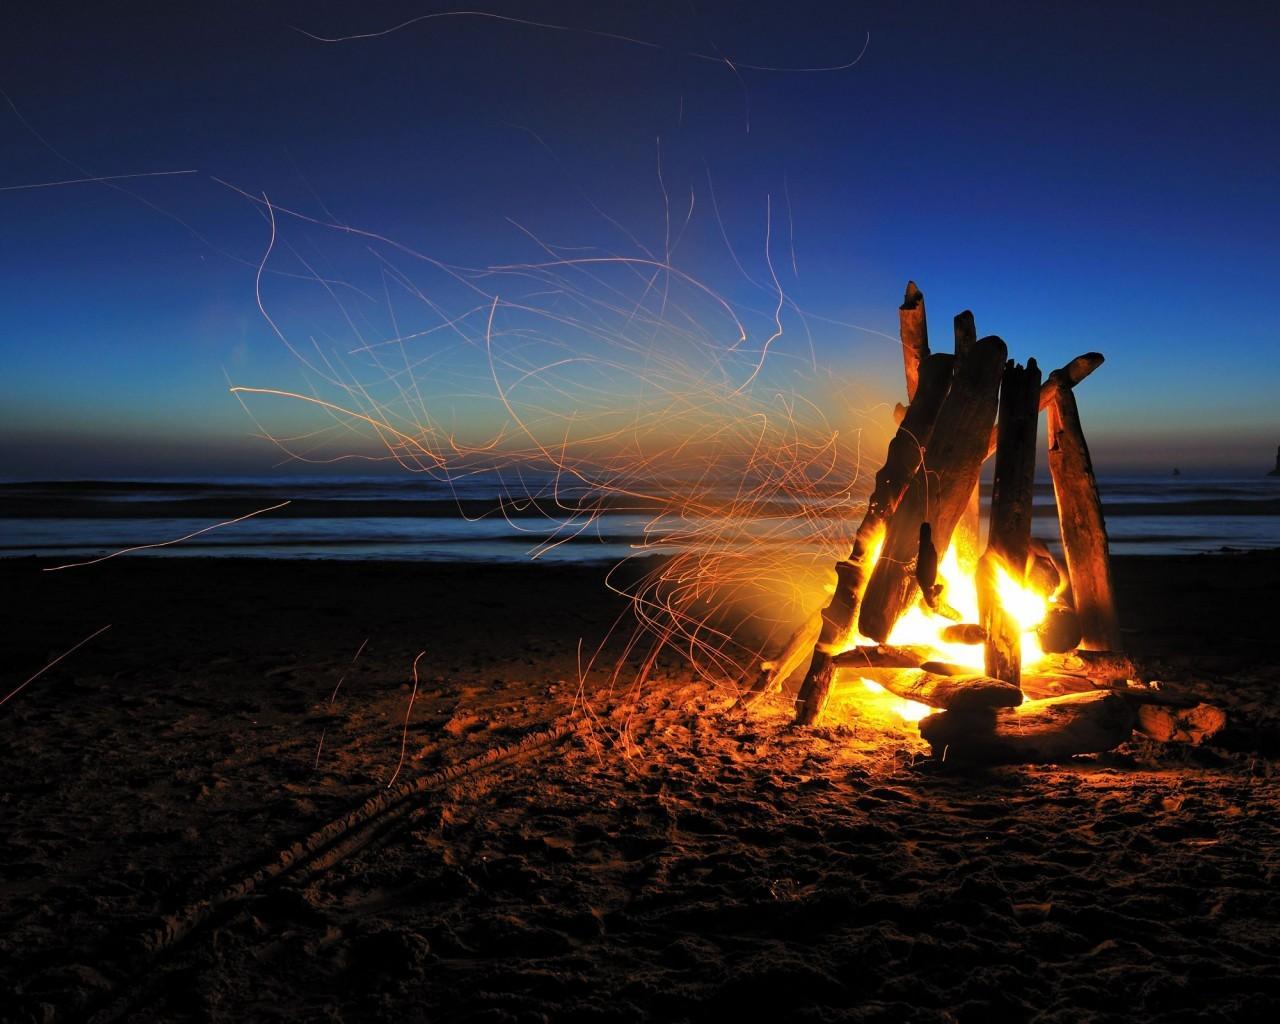 47639 免費下載壁紙 景观, 火, 海滩 屏保和圖片